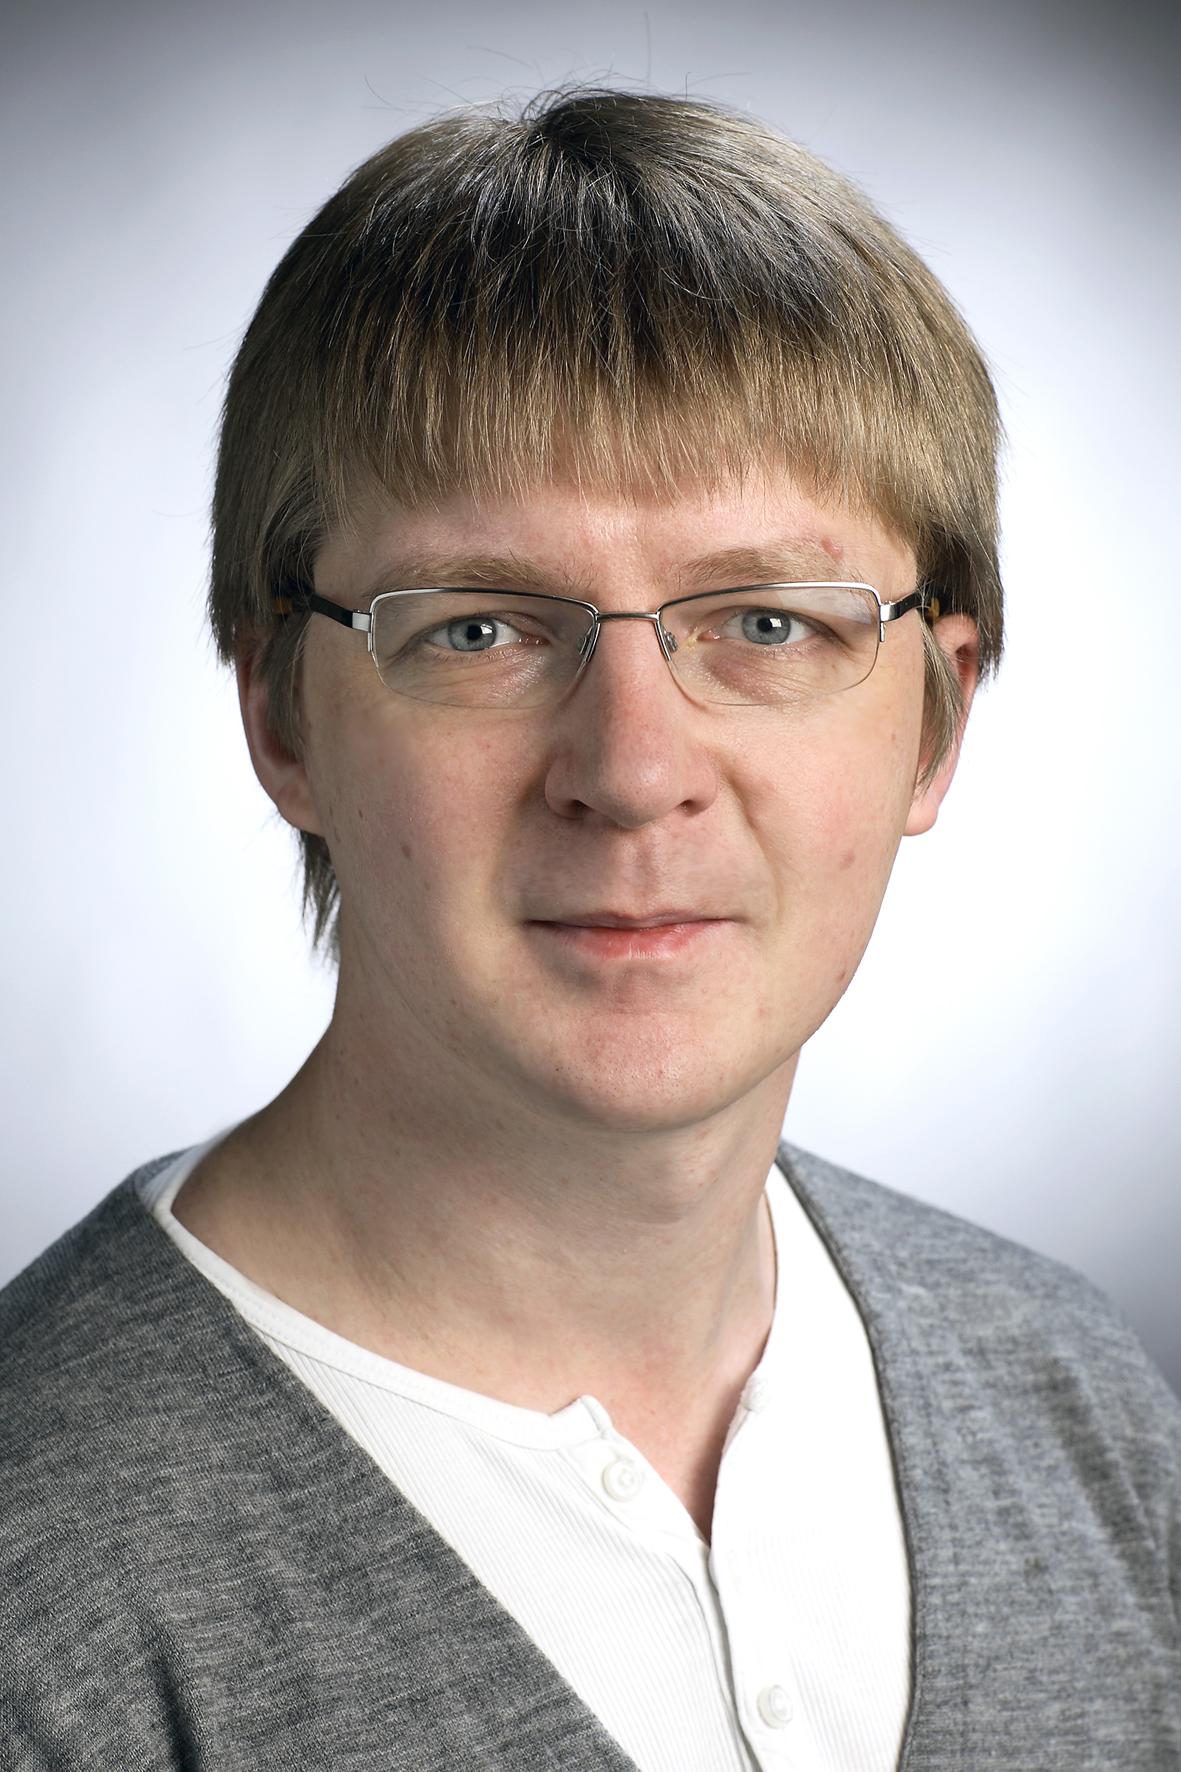 Mihail Kopotev